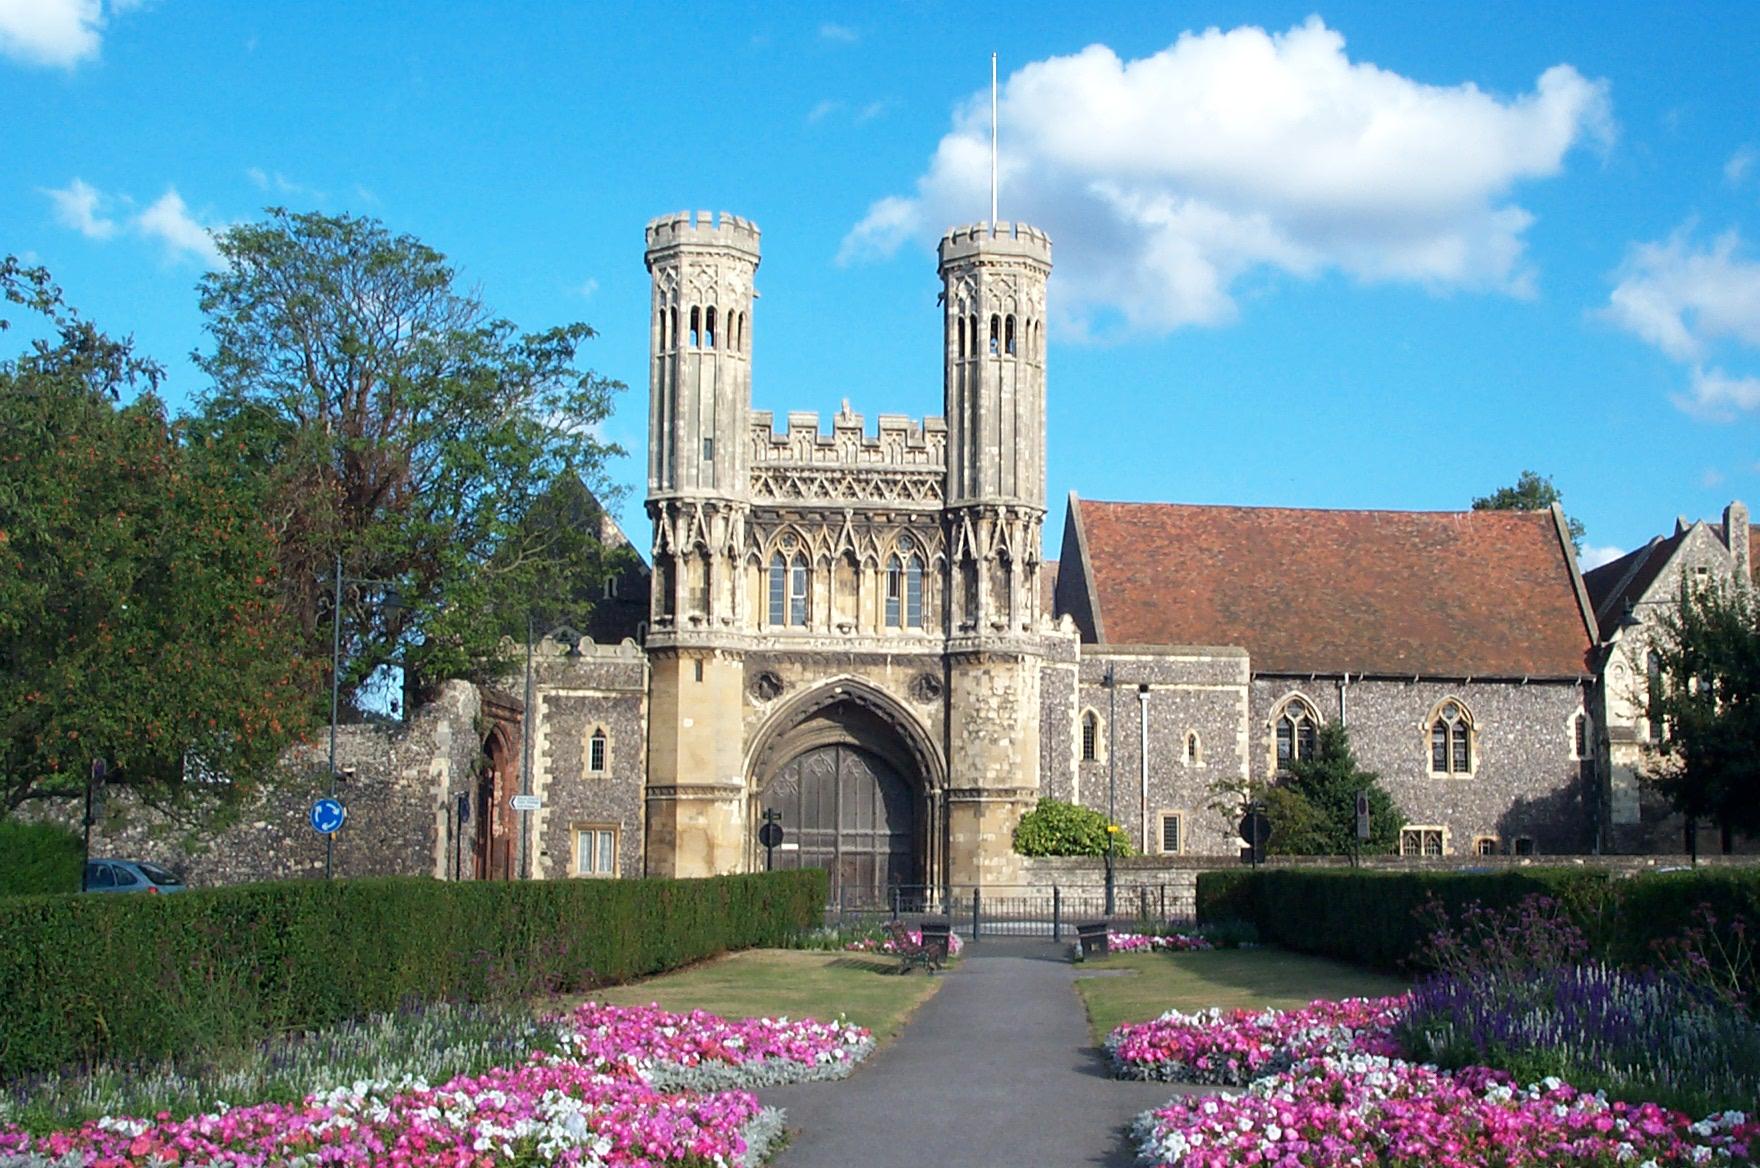 """""""Augustine Abbey"""" by User Willhsmit on en.wikipedia - Own work. Licensed under Public Domain via Wikimedia Commons - http://commons.wikimedia.org/wiki/File:Augustine_Abbey.jpg#/media/File:Augustine_Abbey.jpg"""